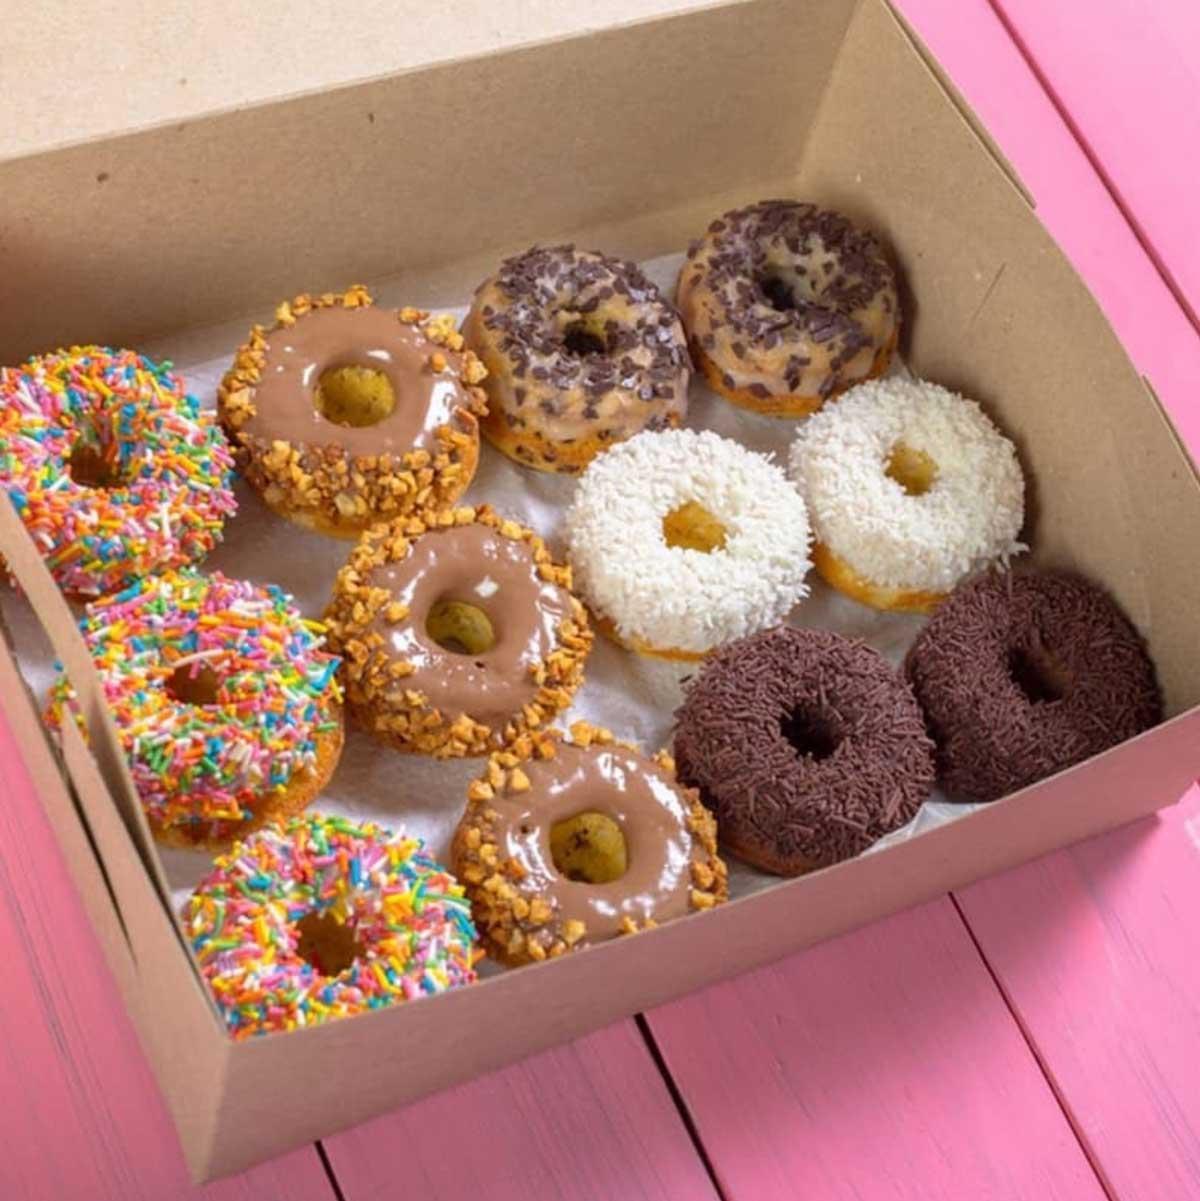 A Doughnut Box